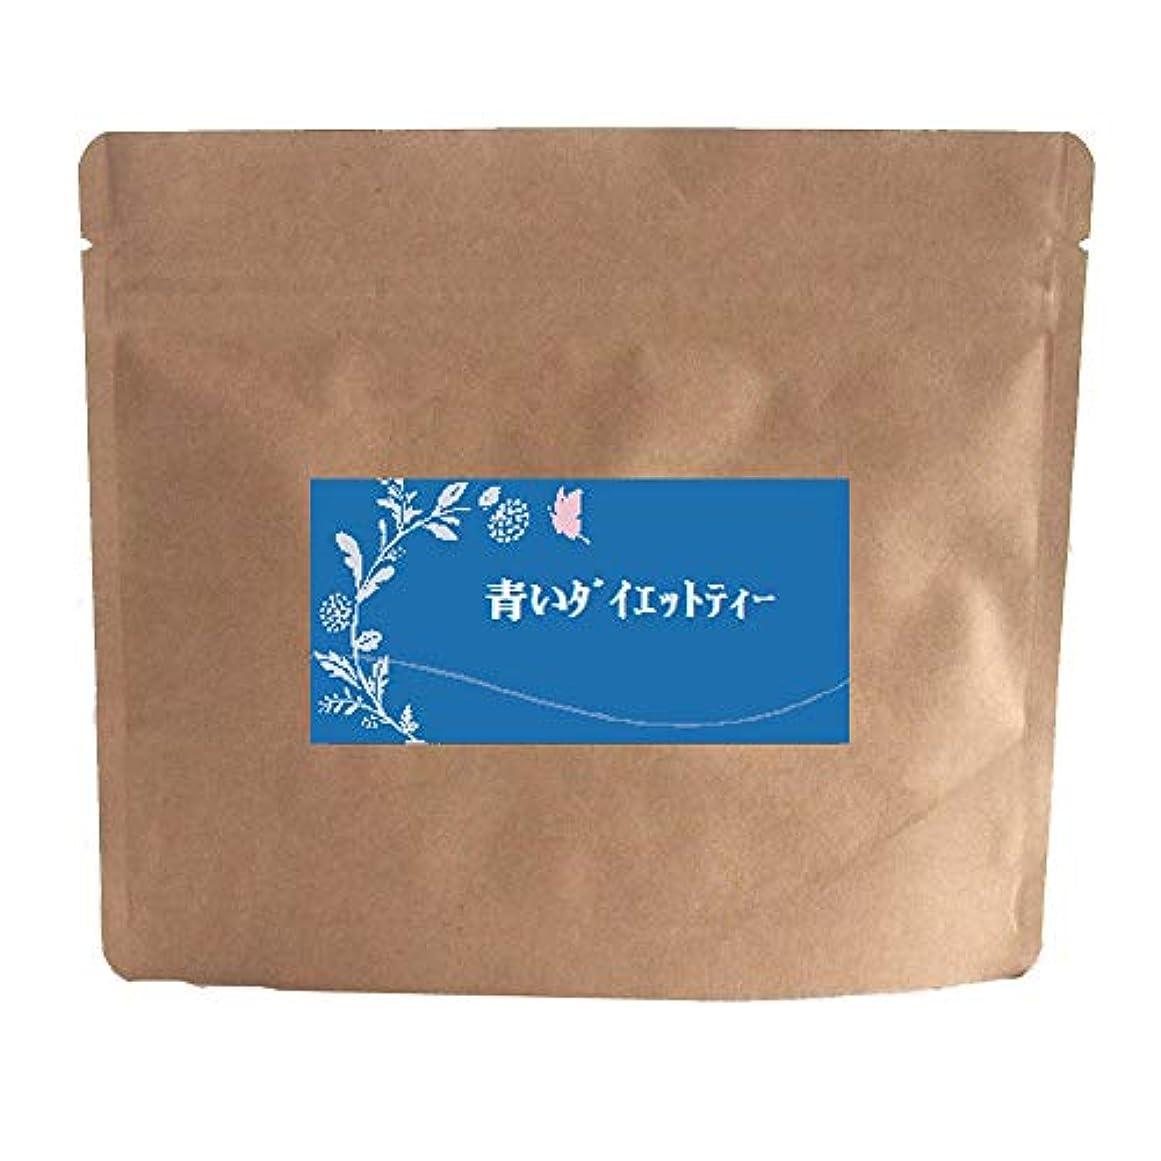 思い出すゴミ箱を空にする硬い青いダイエットティー312g バタフライピー 難消化性デキストリン ダイエットドリンク 粉末 パウダー